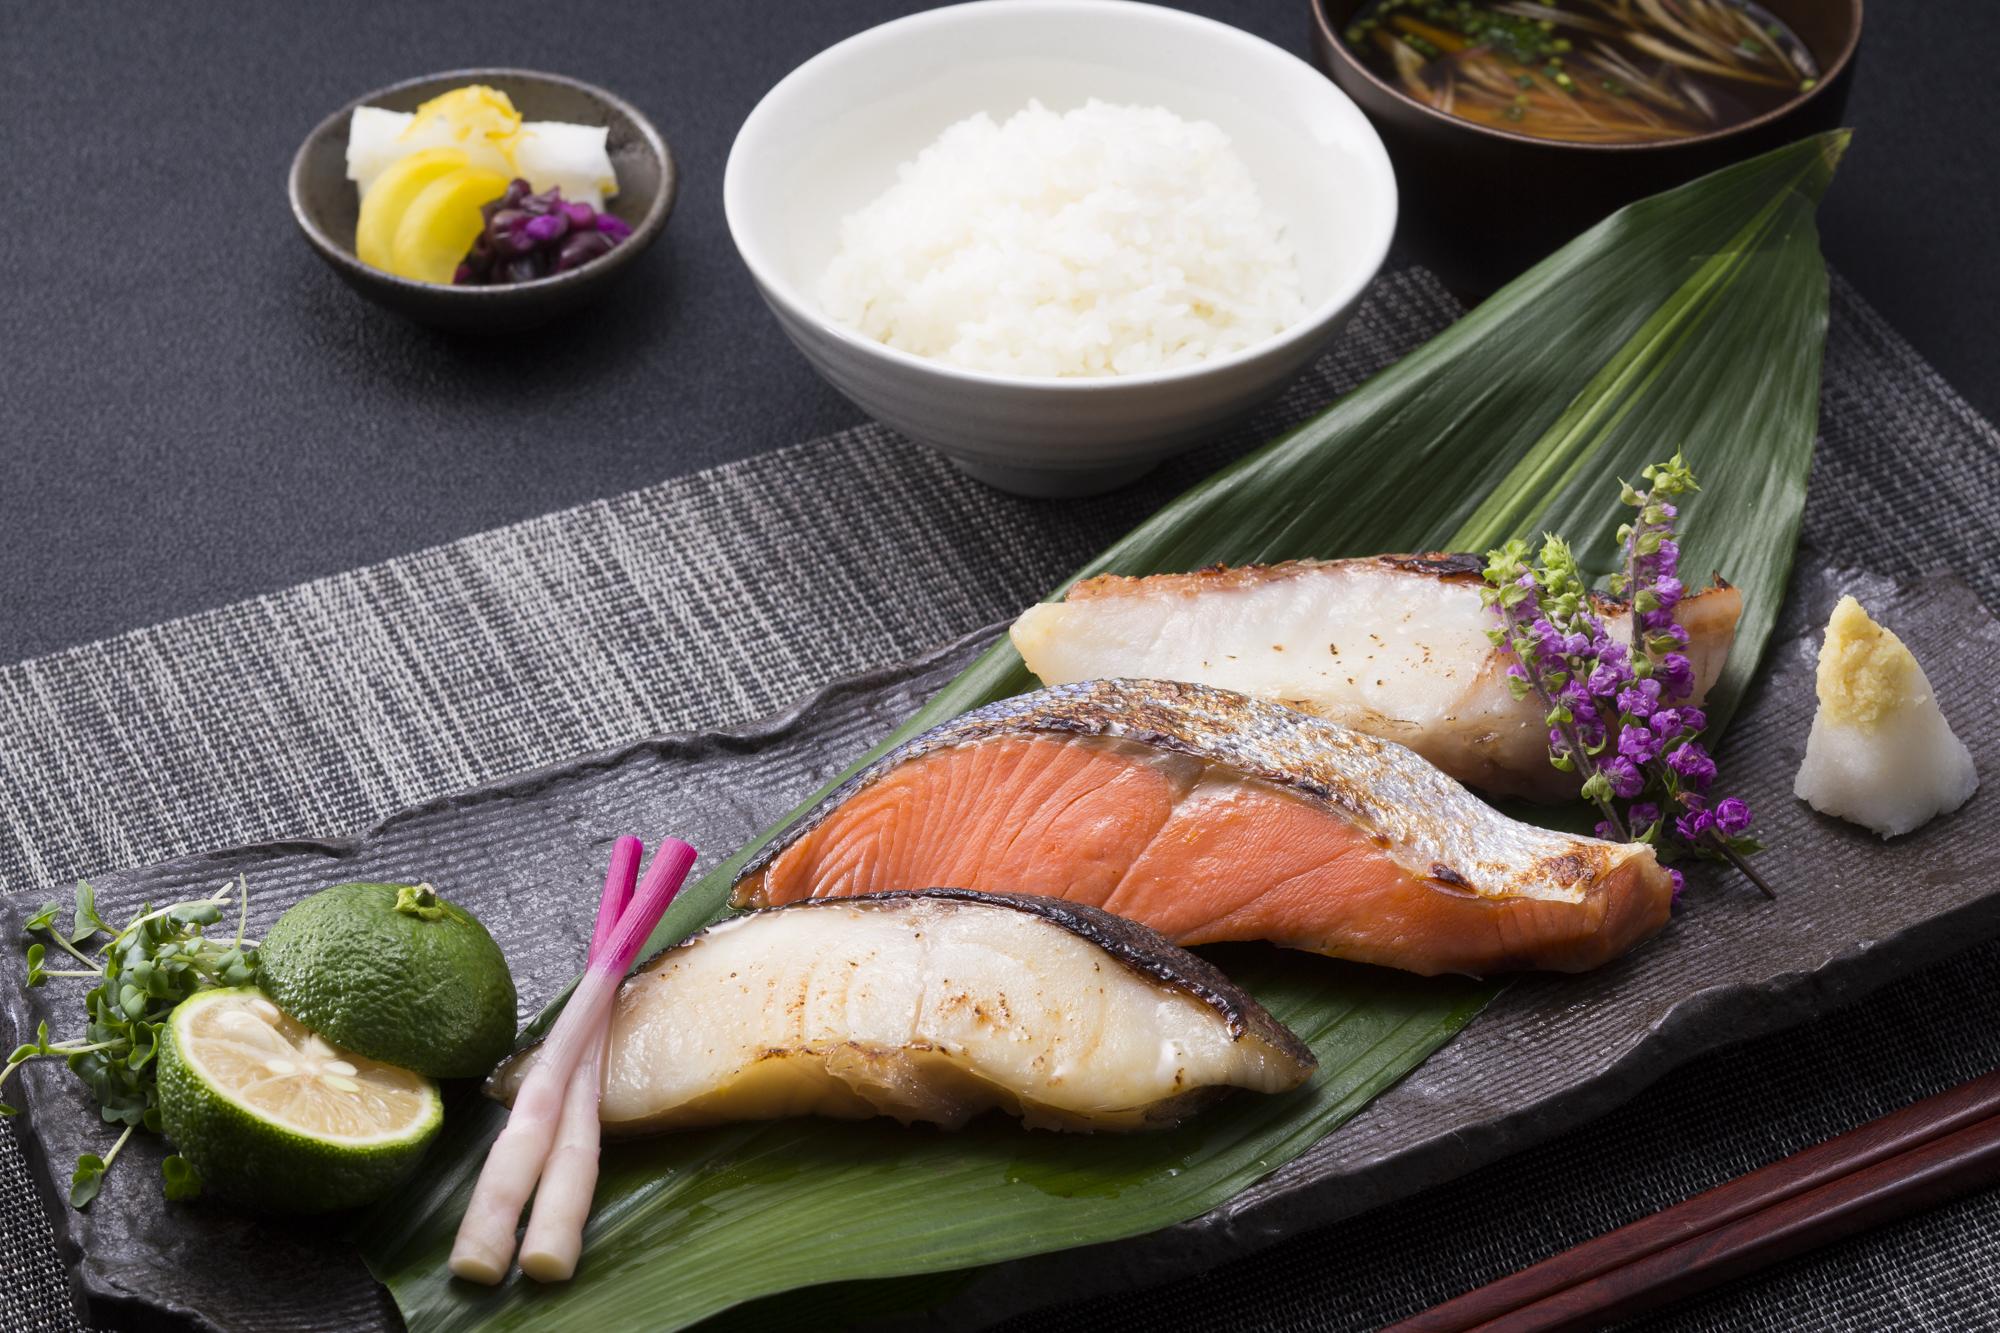 全国発送可能ギフト:素味絶佳 昔ながらの西京漬 きんき・紅鮭・銀だら